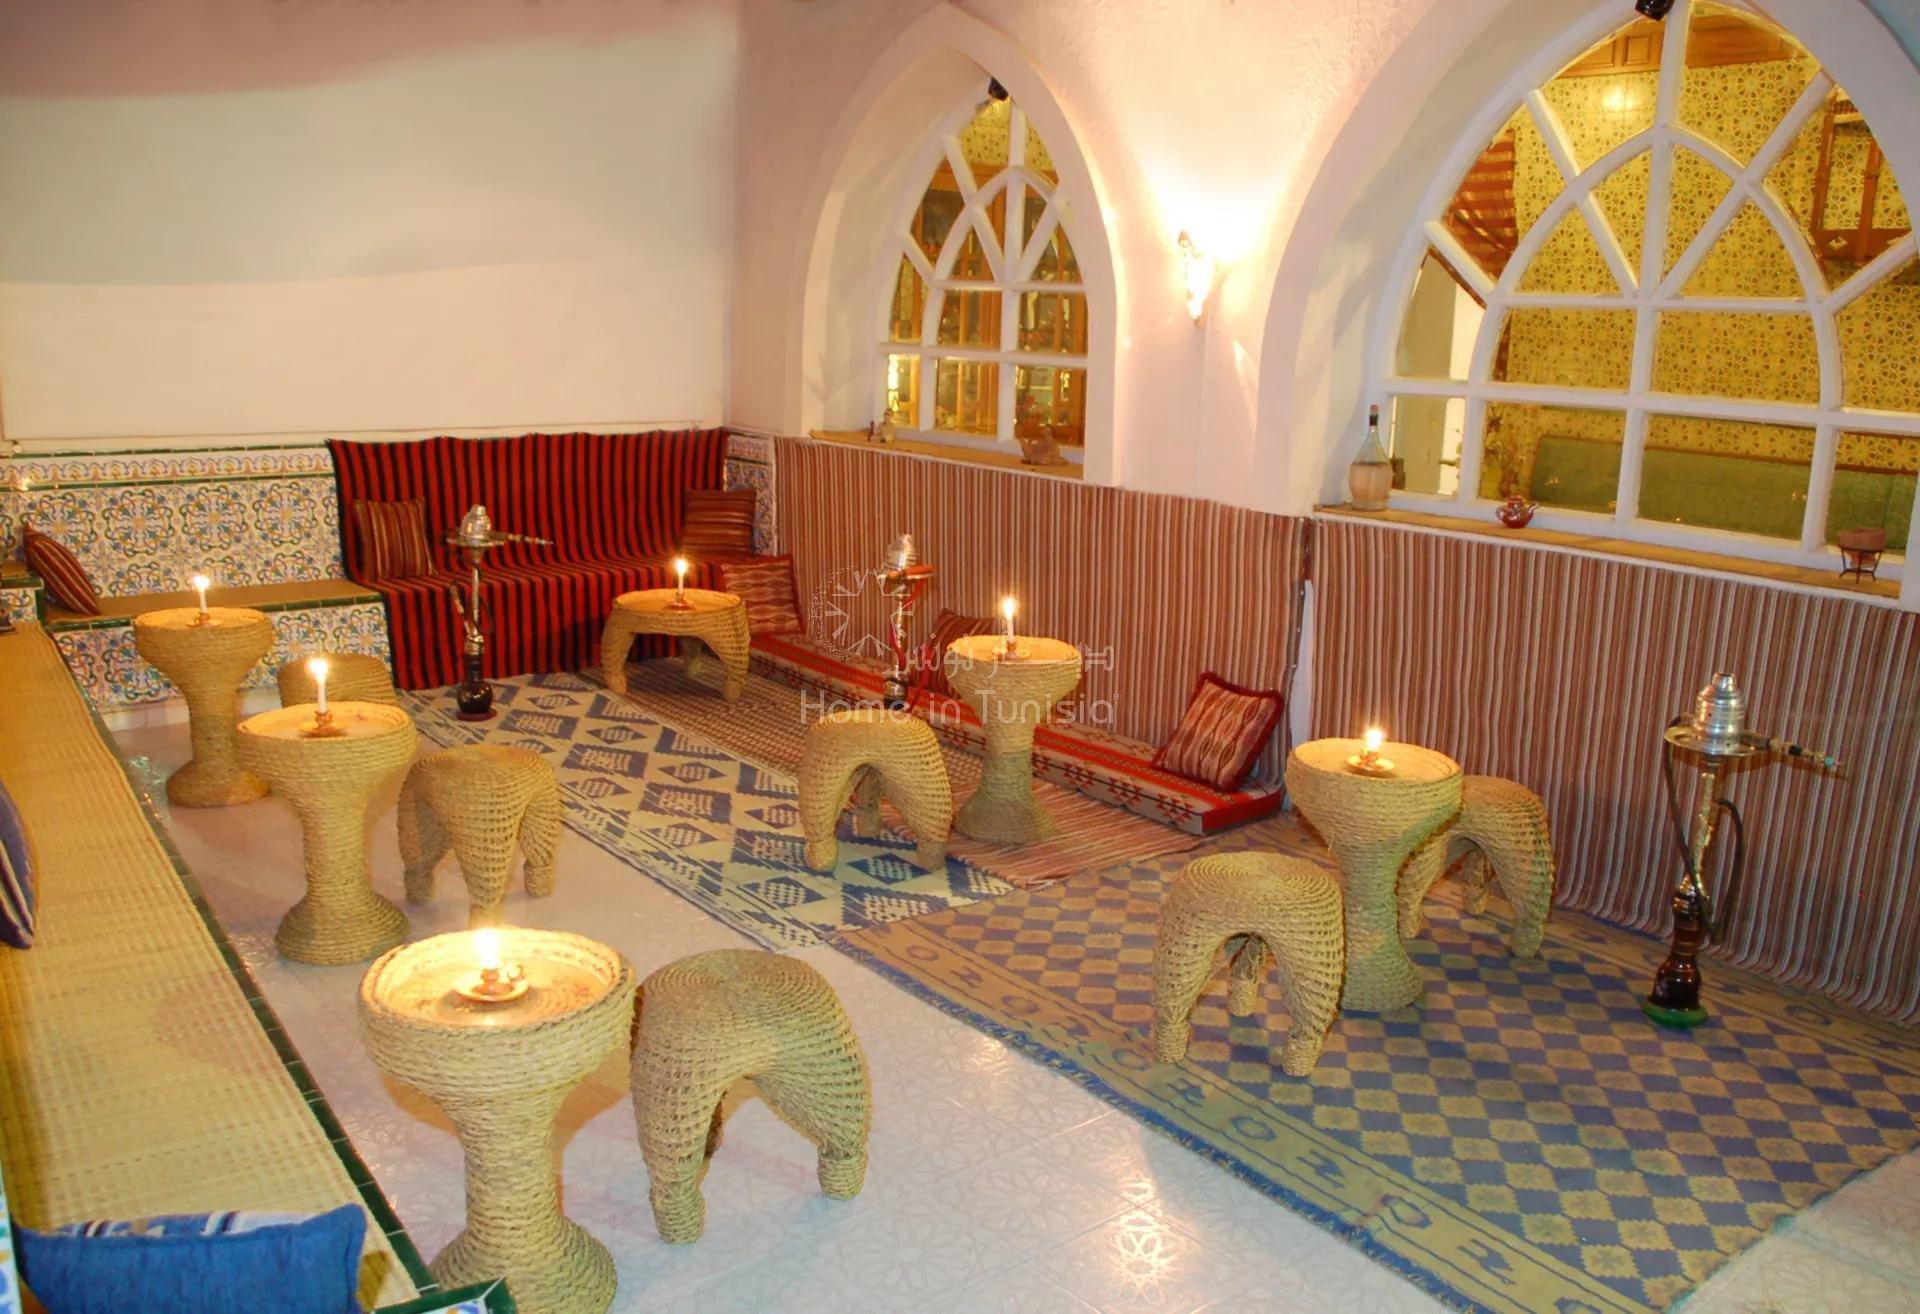 Verkoop Hotel - Nabeul - Tunesië